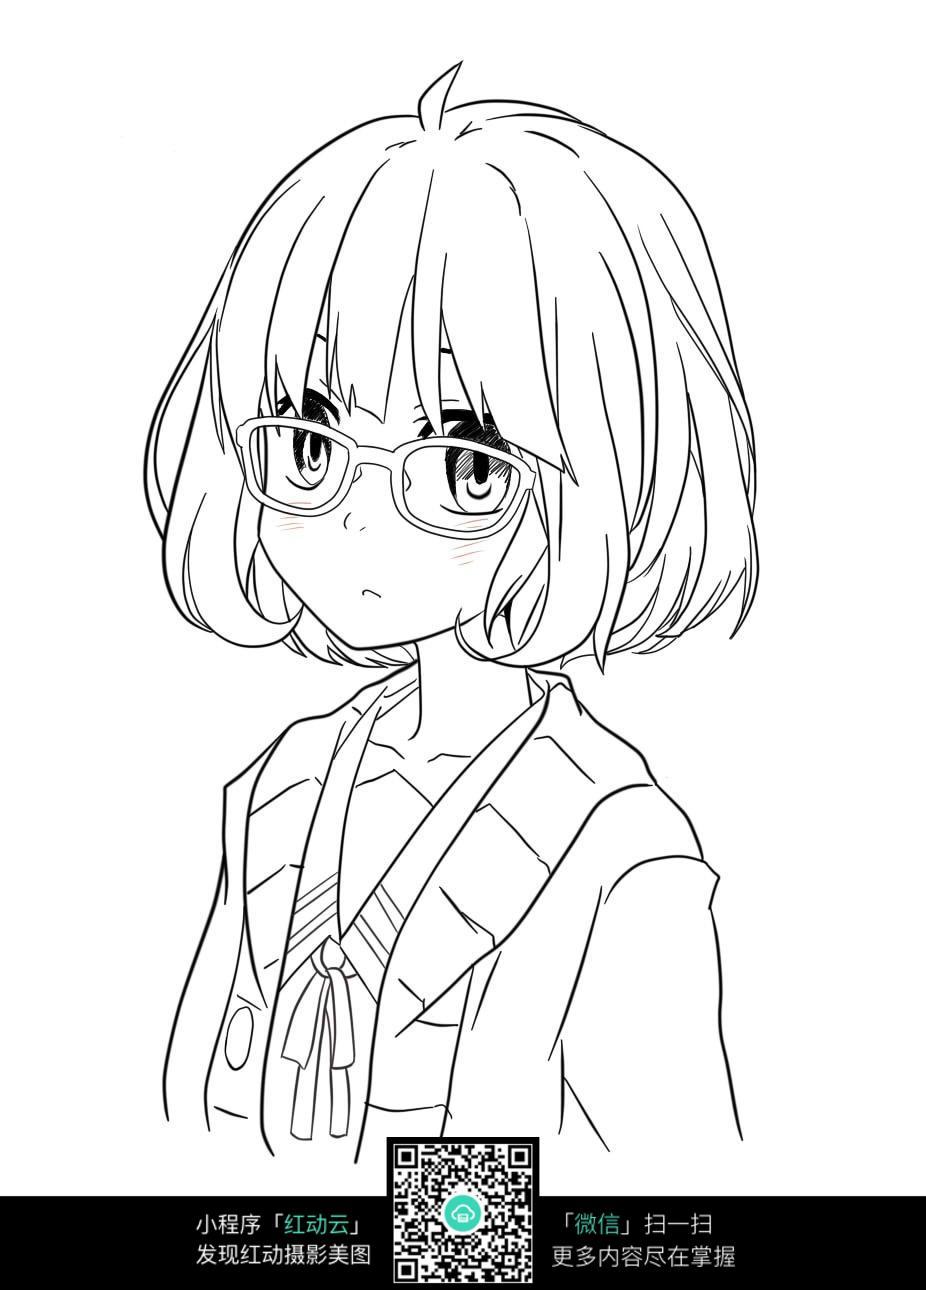 戴眼镜短发女孩图片